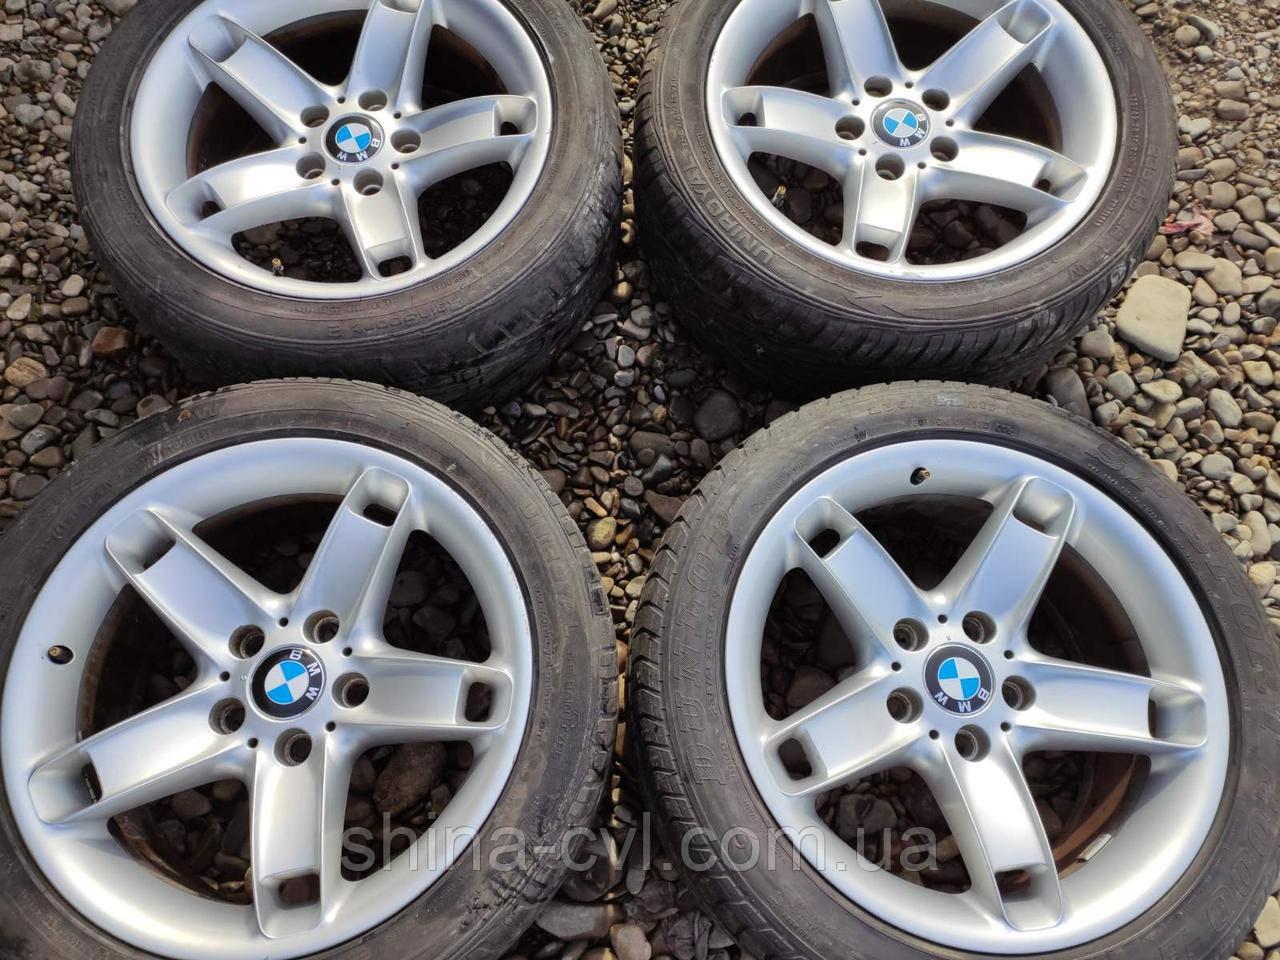 Диски 5.120 R17 8J ET20 BMW 5 E39